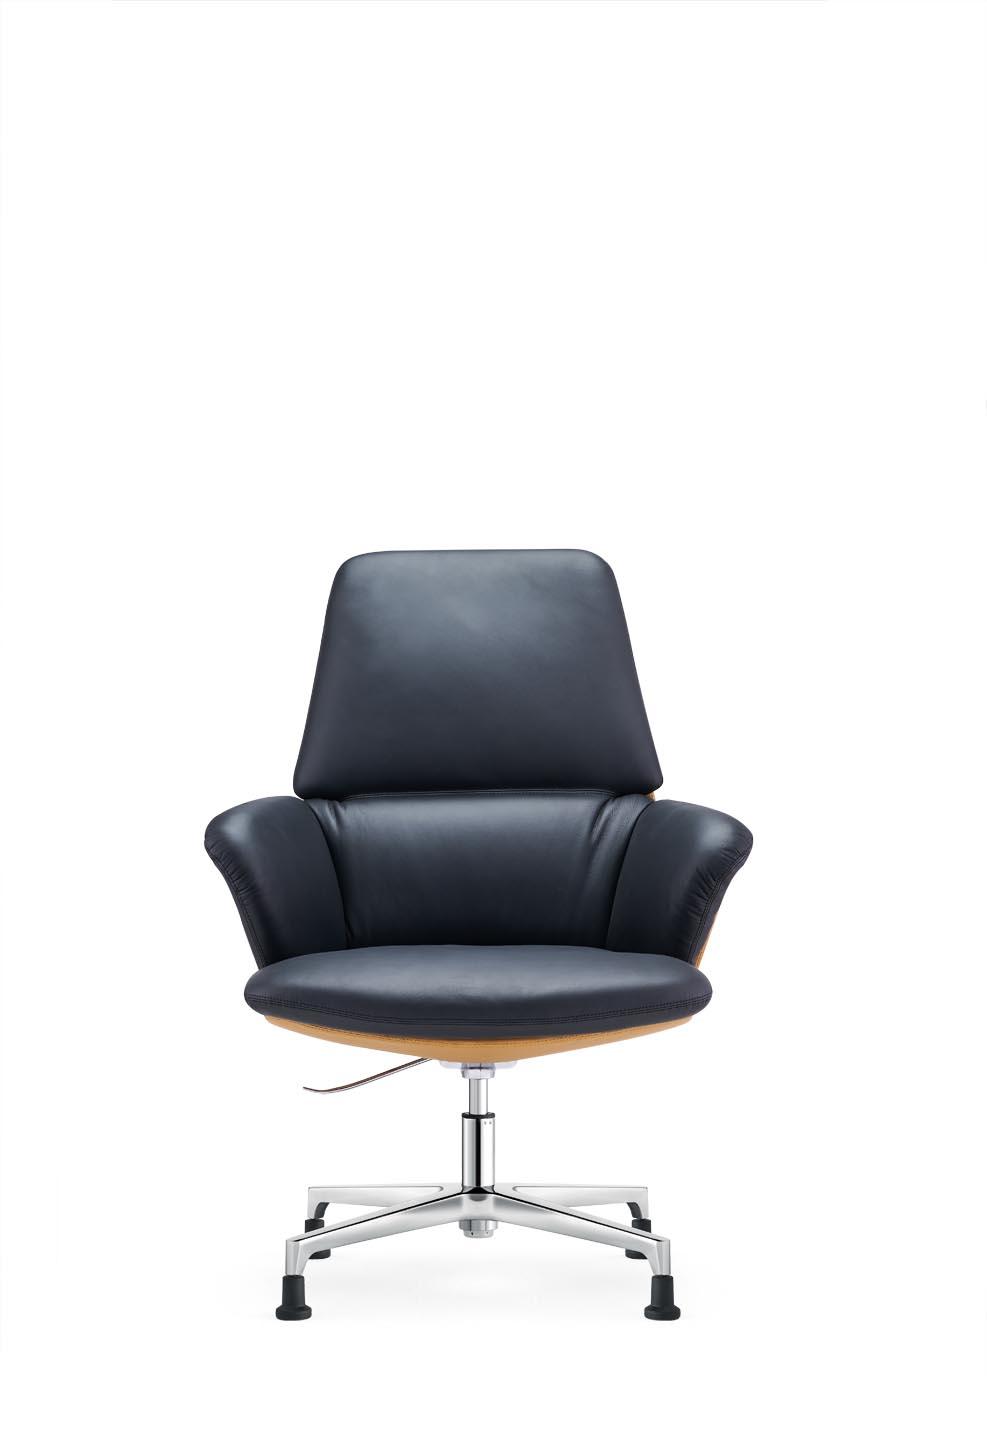 OP-CX60018 (4)